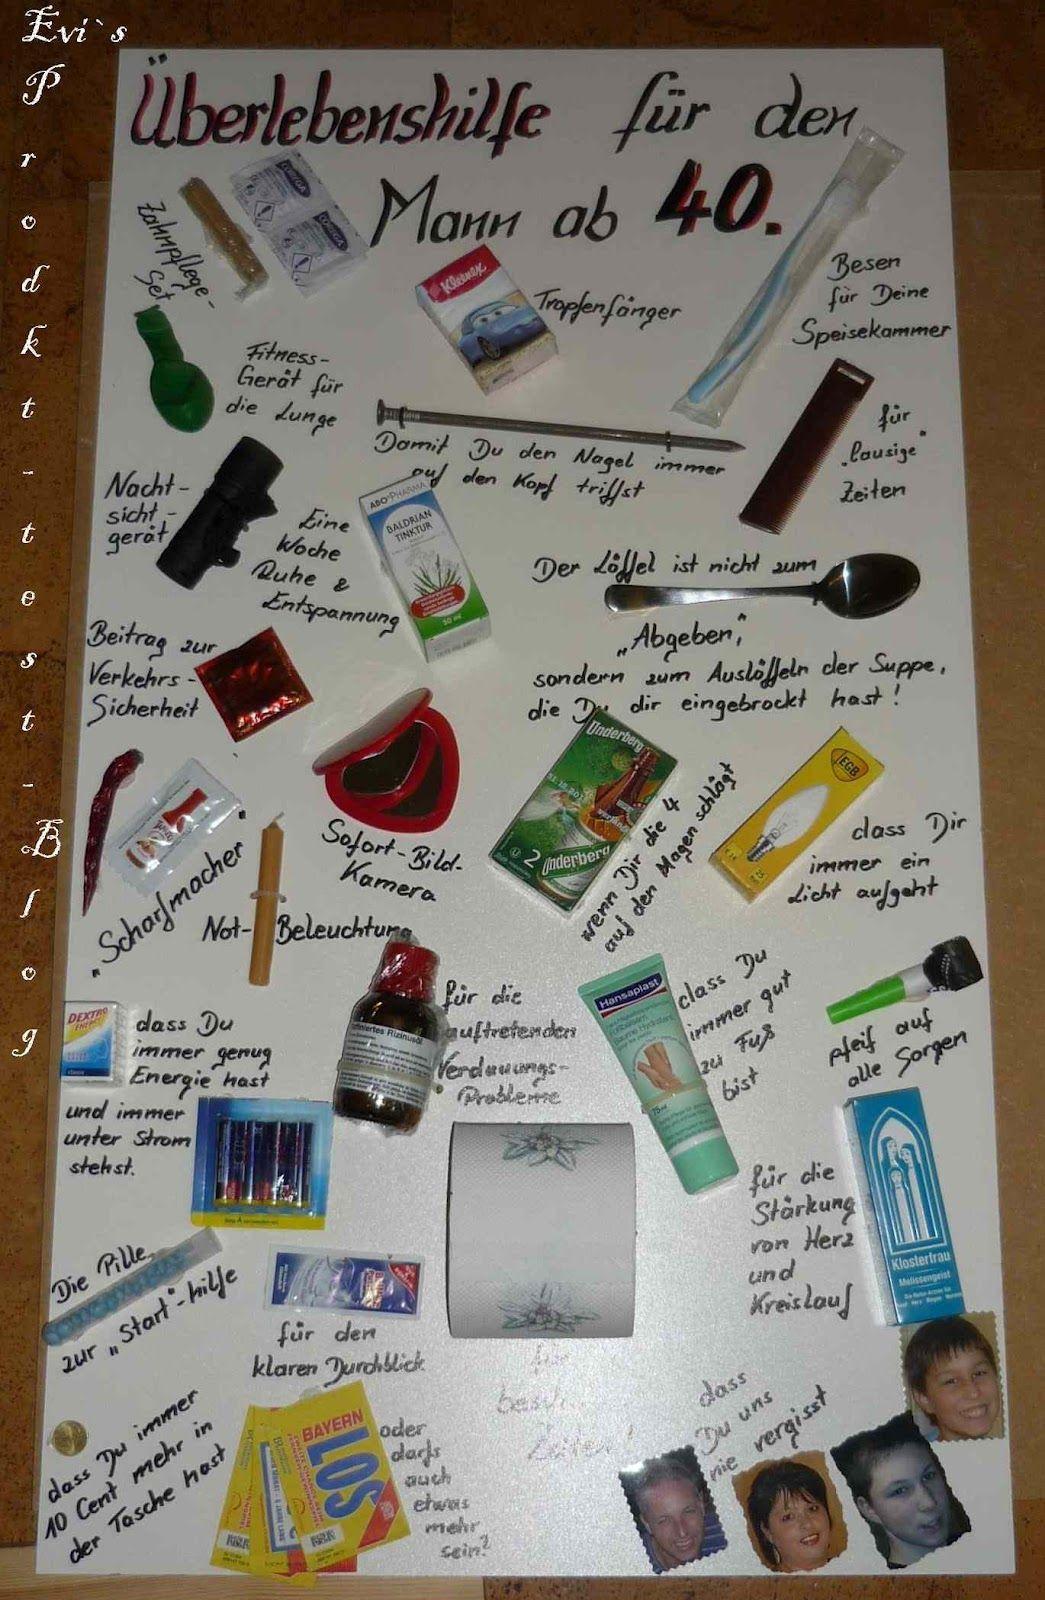 Geschenke Zum 15 Geburtstag  EVI s Produkttestblog Geburtstagsgeschenk zum 40